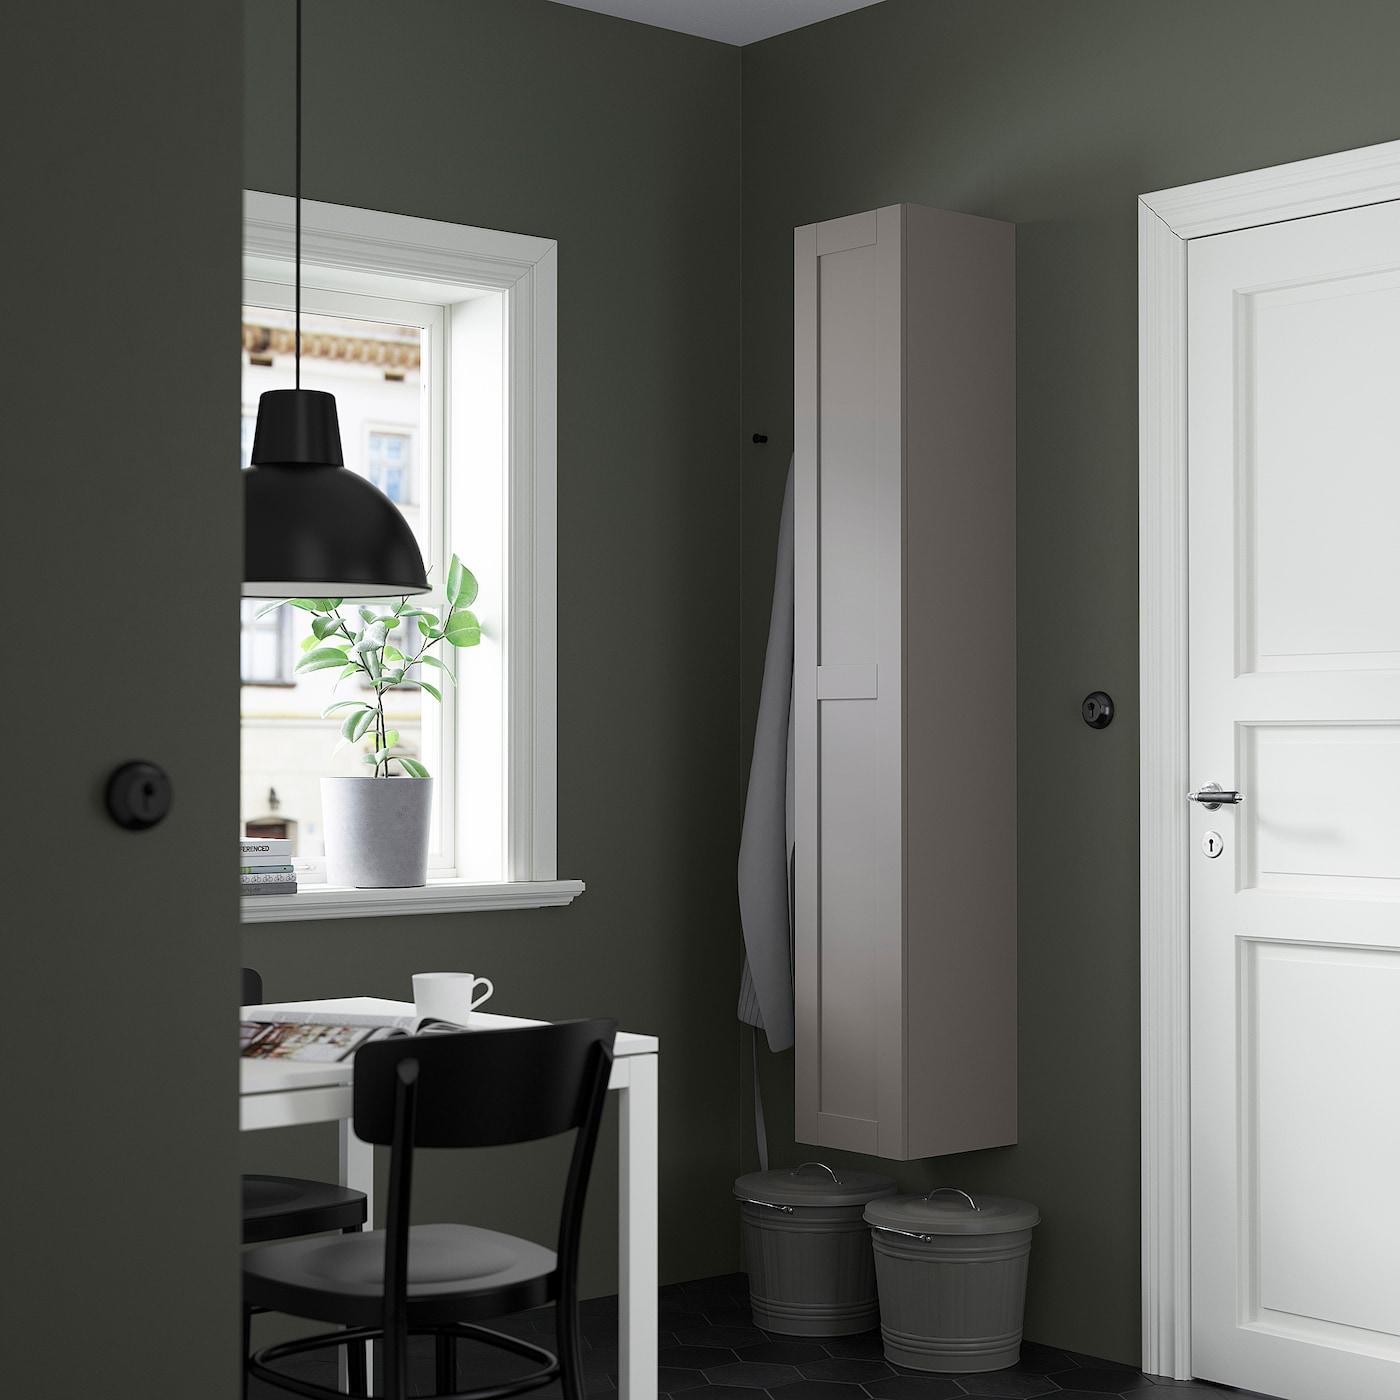 ENHET Hi cb w 4 shlvs/door, grey/grey frame, 30x30x180 cm